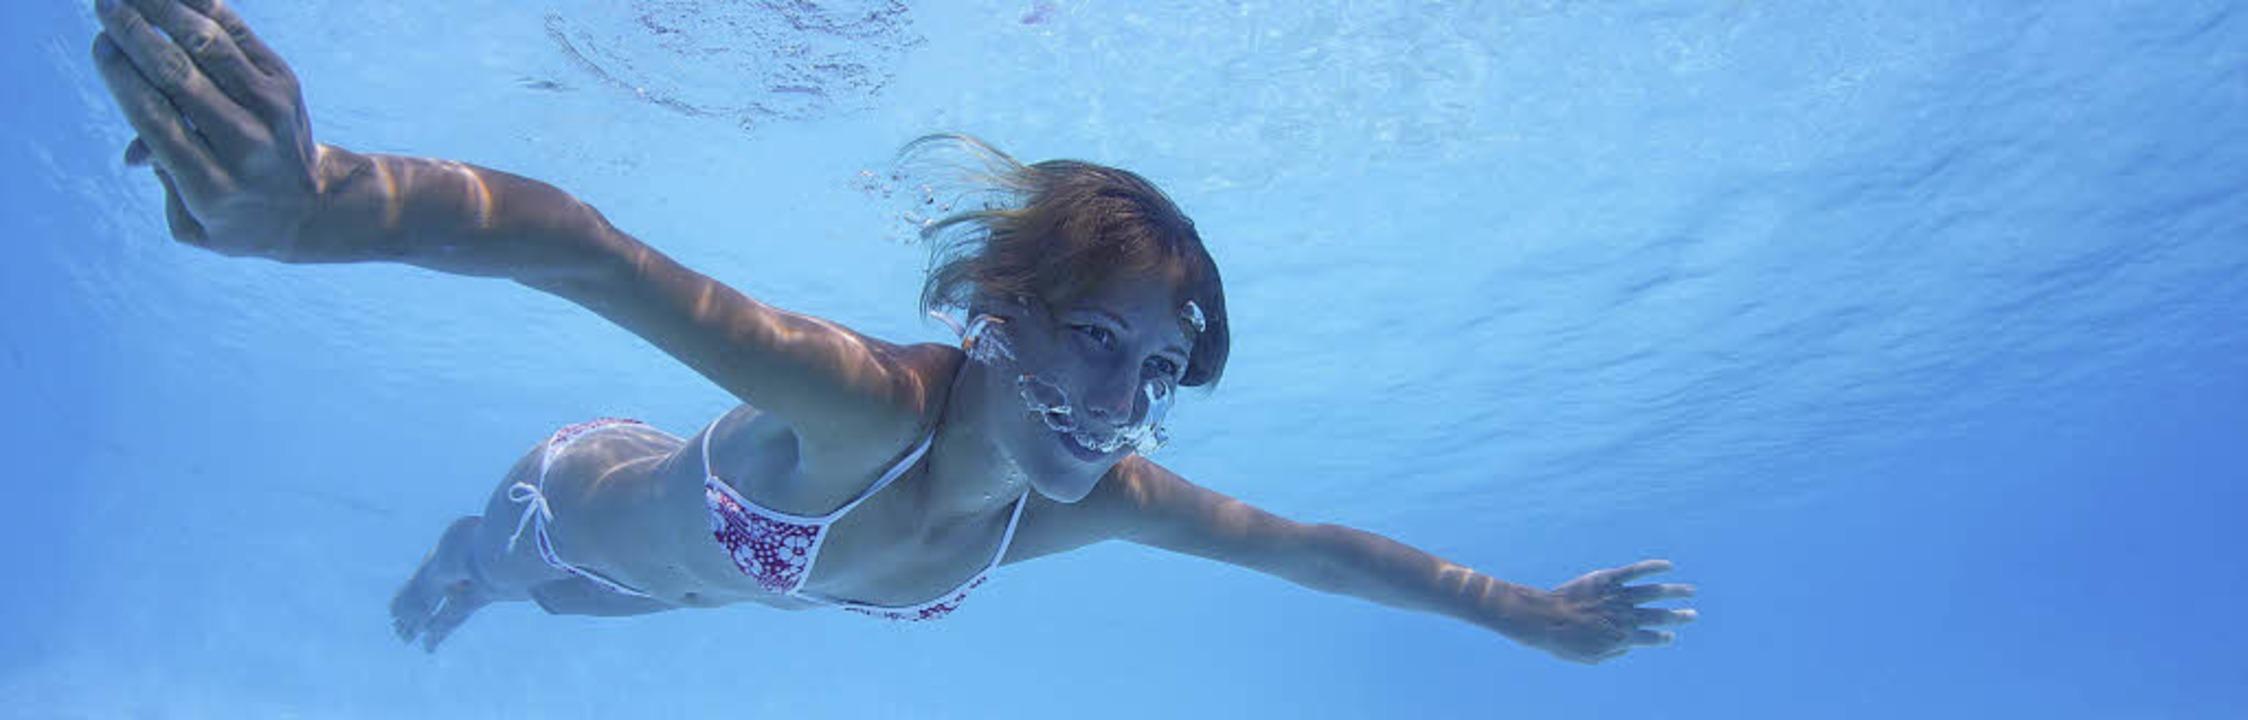 Eintauchen und genießen: Wasser übt au...schen eine besondere Faszination aus.     Foto:  Dudarev Mikhail (stock.adobe.com)